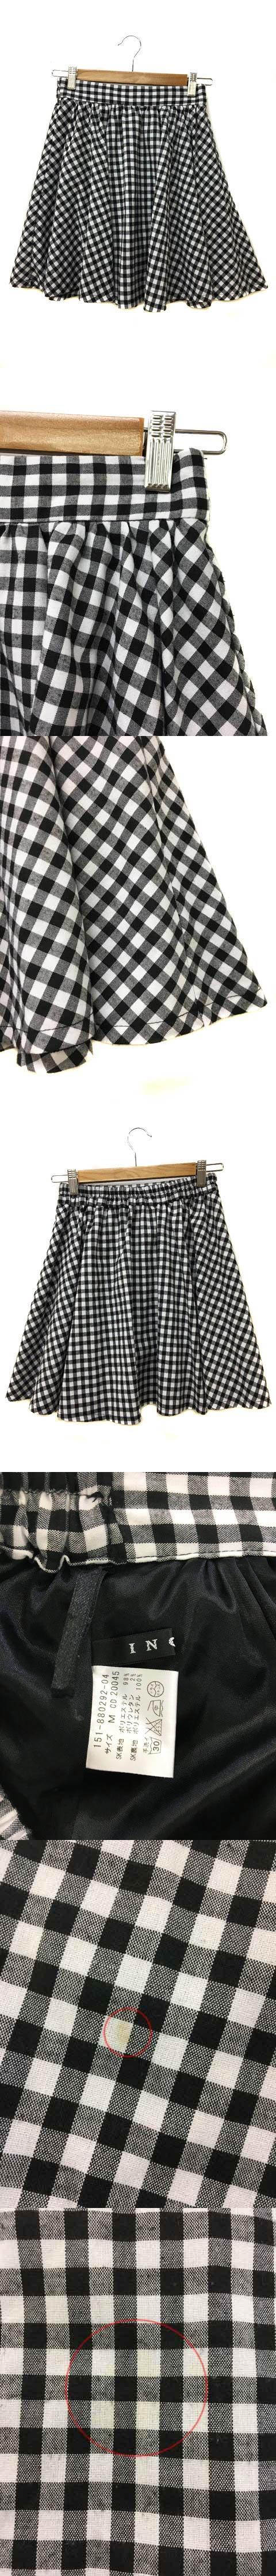 スカート フレア ギャザー ミニ ギンガムチェック ウエストゴム M 黒 白 ブラック ホワイト